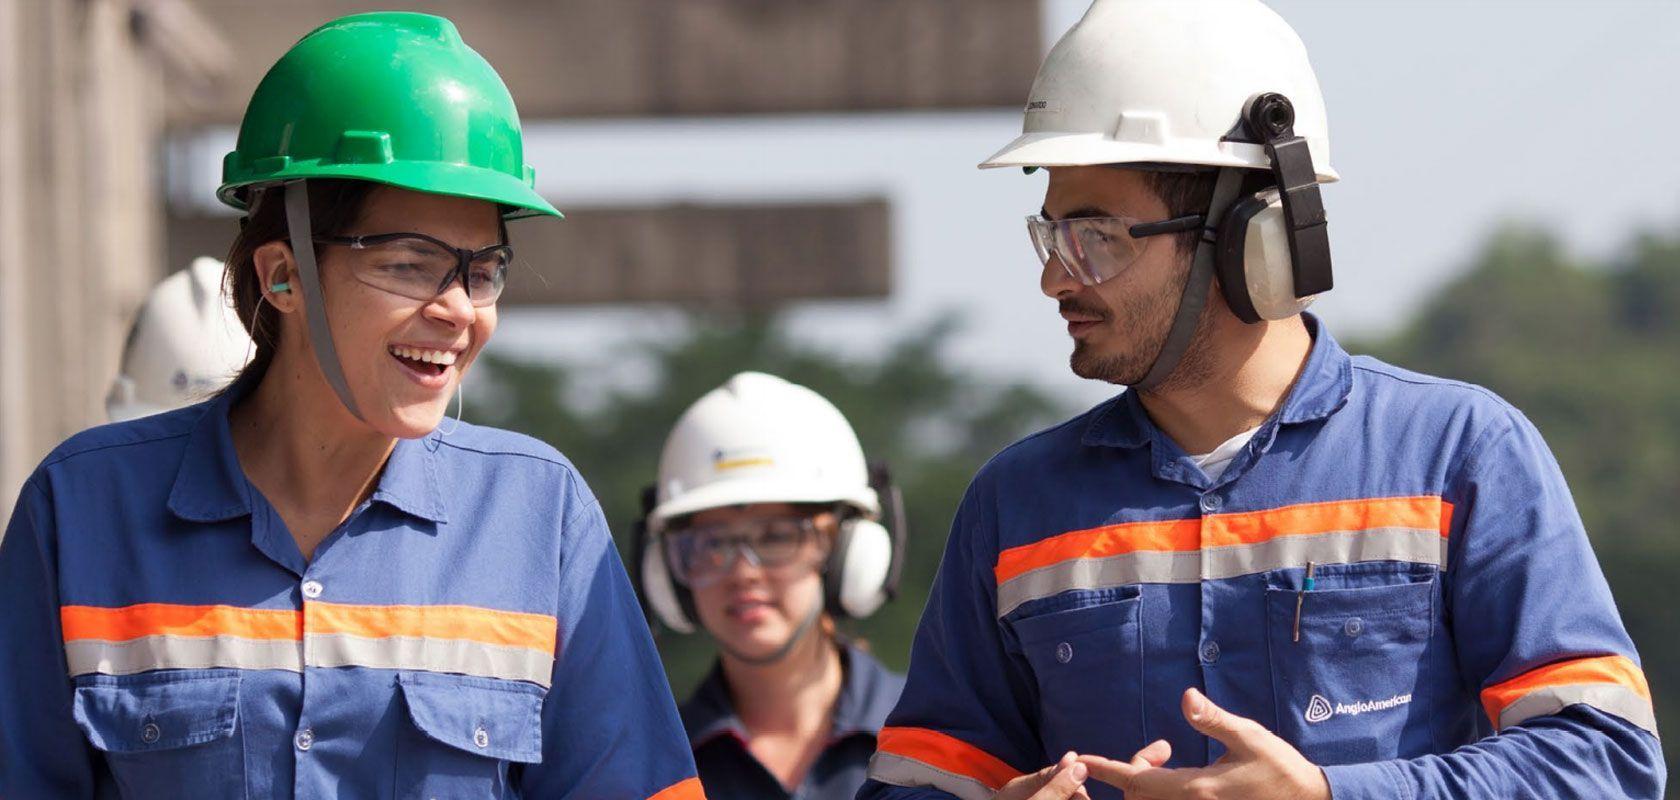 Técnico, soldador, operador e mais profissionais são requisitados para vagas de emprego pela mineradora Anglo American hoje, 26 de agosto